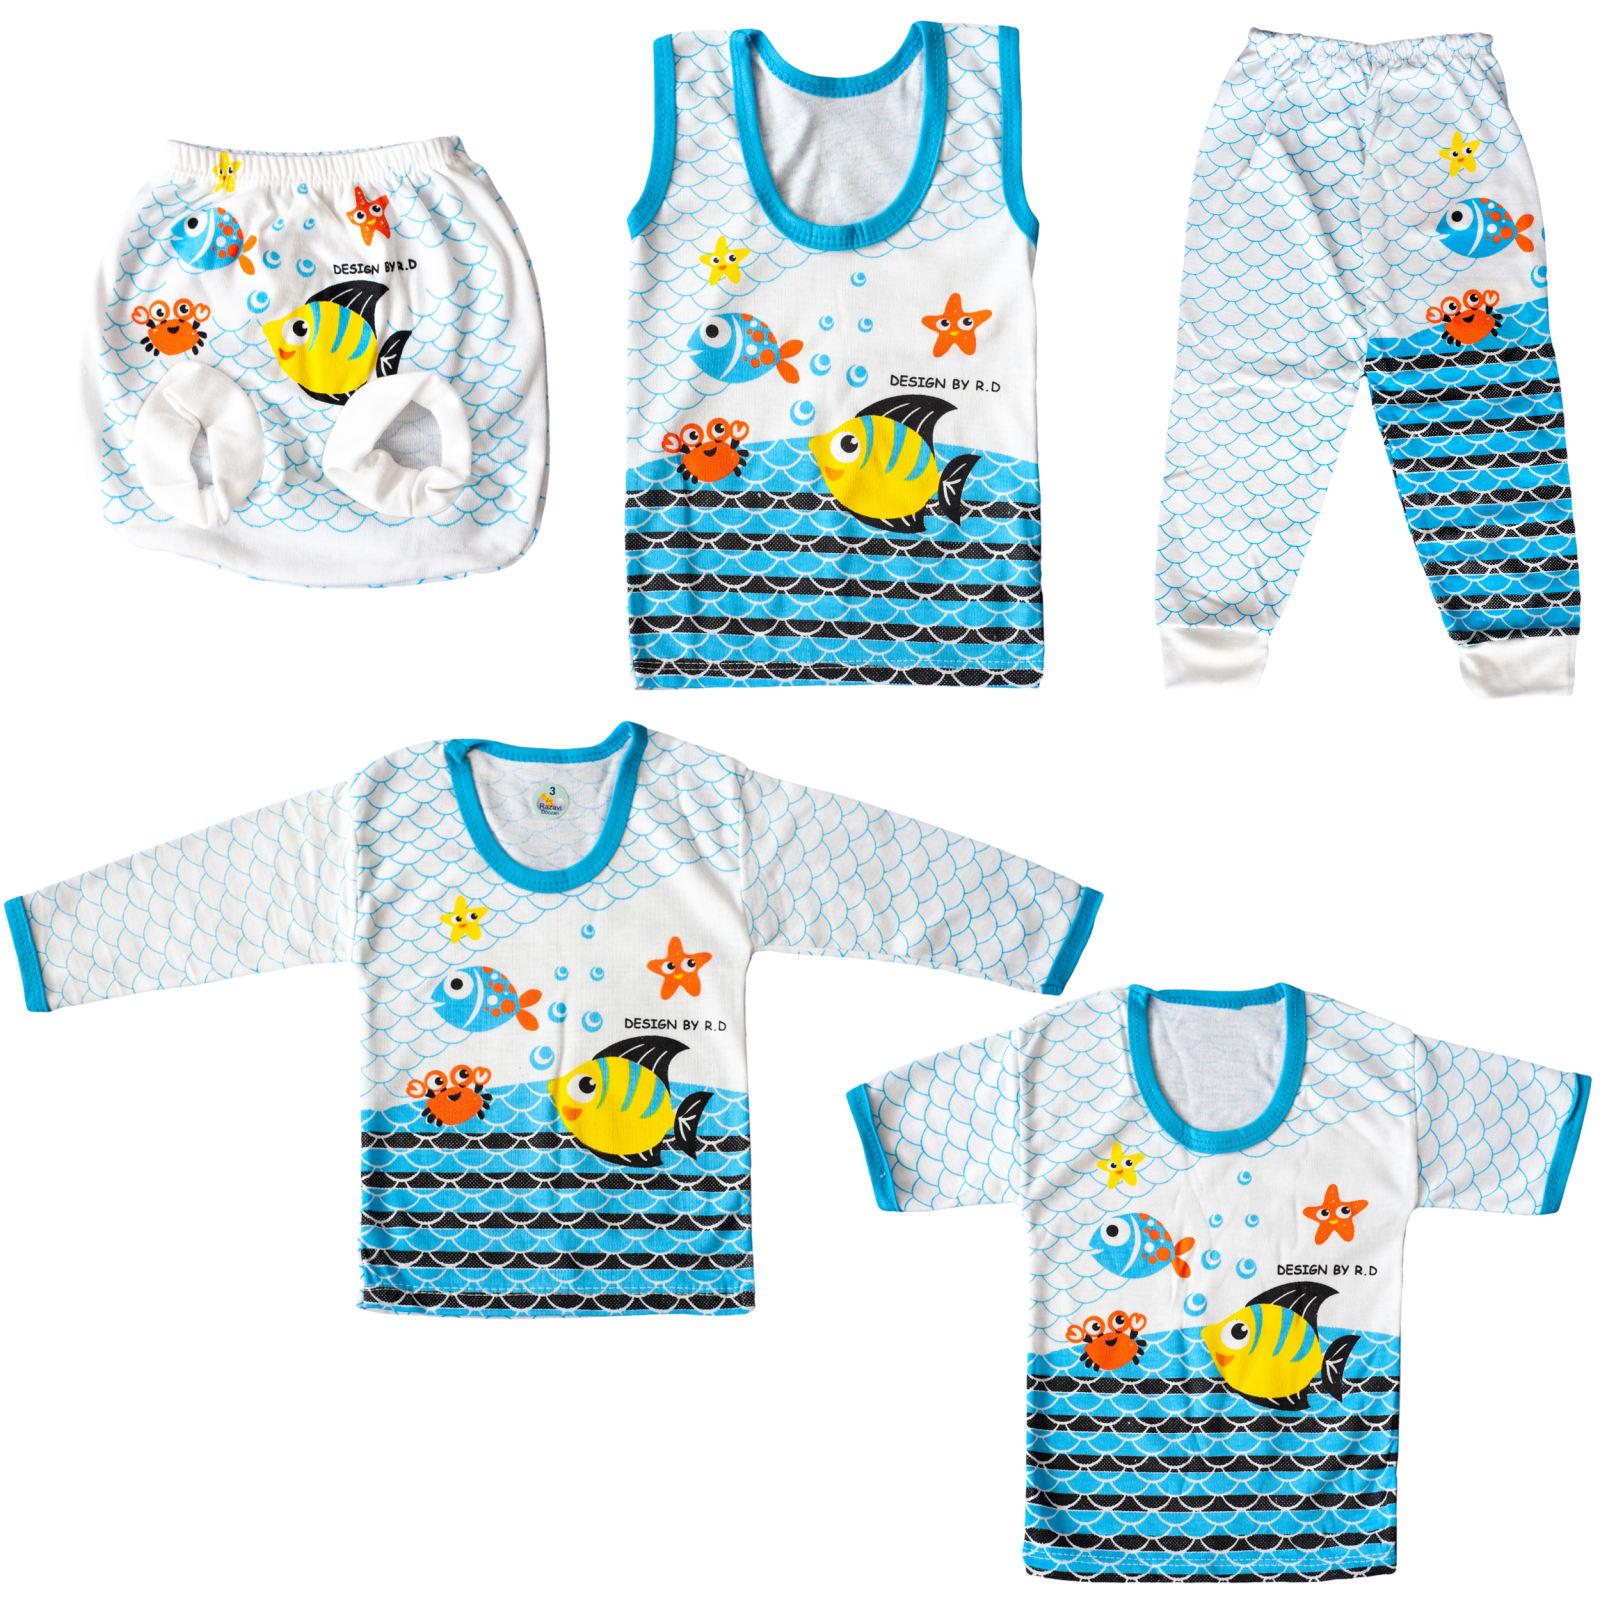 ست 5 تکه لباس نوزادی کد C15 -  - 7